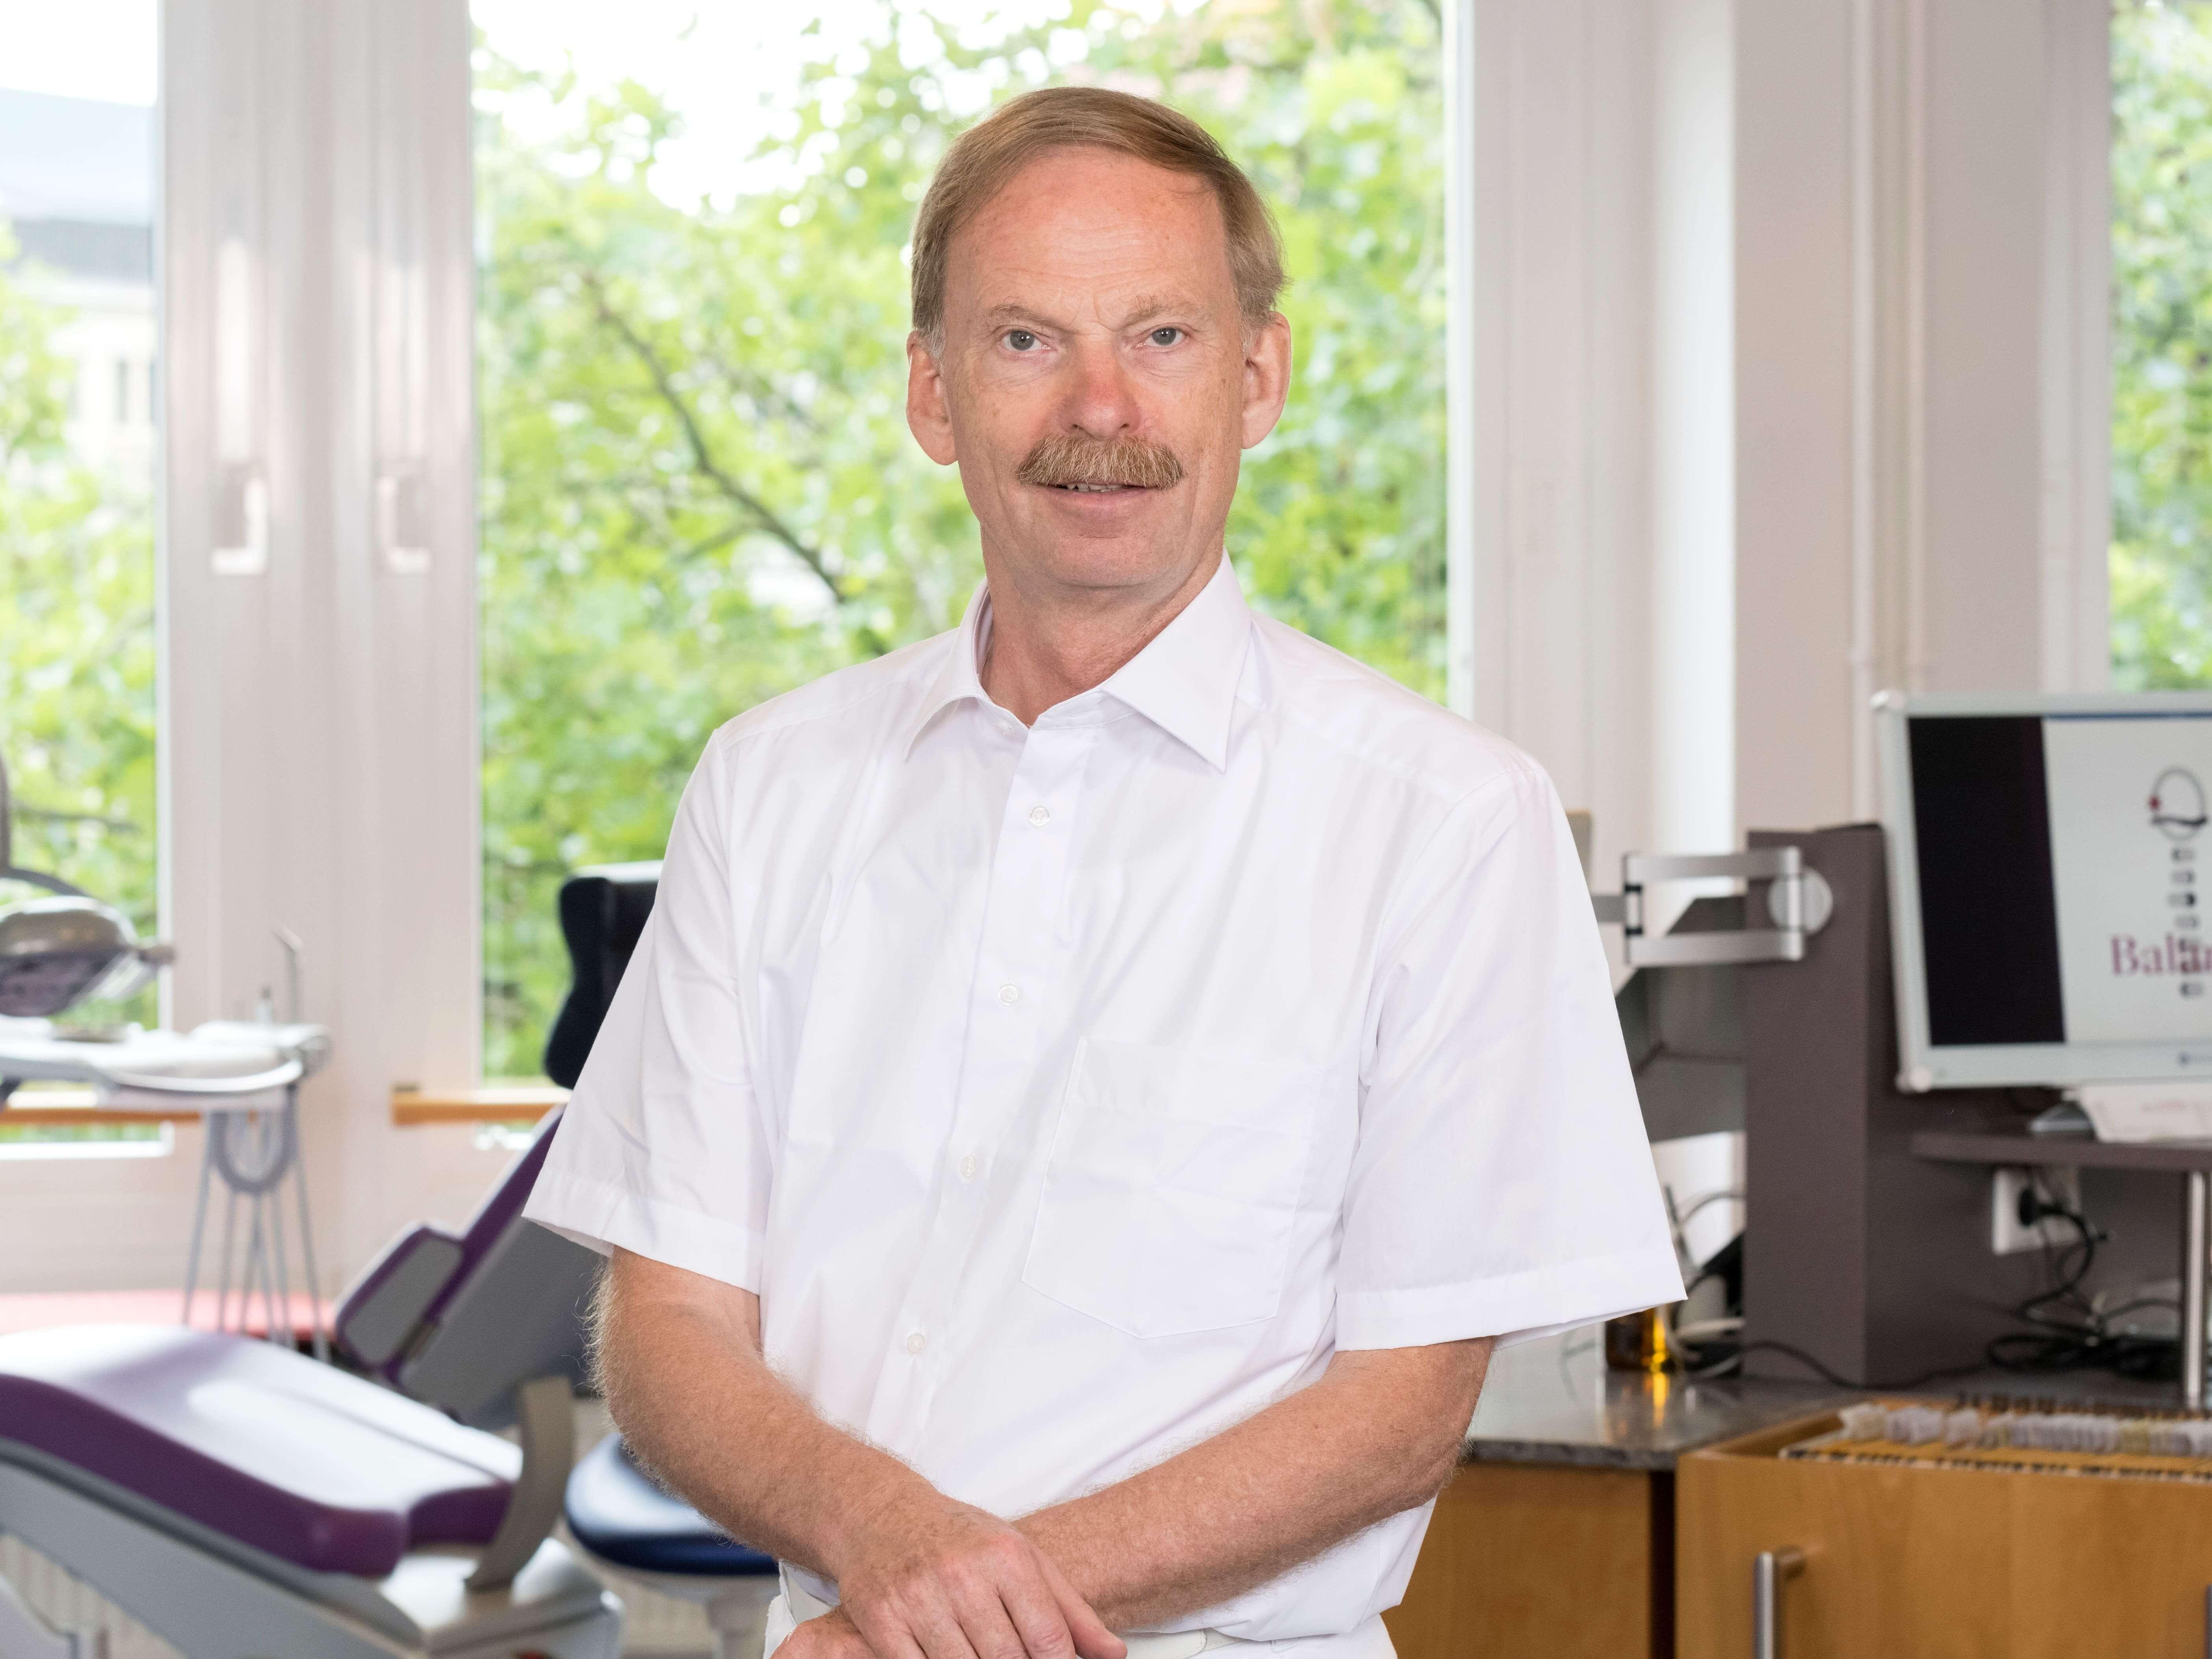 dr w entrup balance dres w j entrup dr t altvater kieferorthop die in hannover. Black Bedroom Furniture Sets. Home Design Ideas